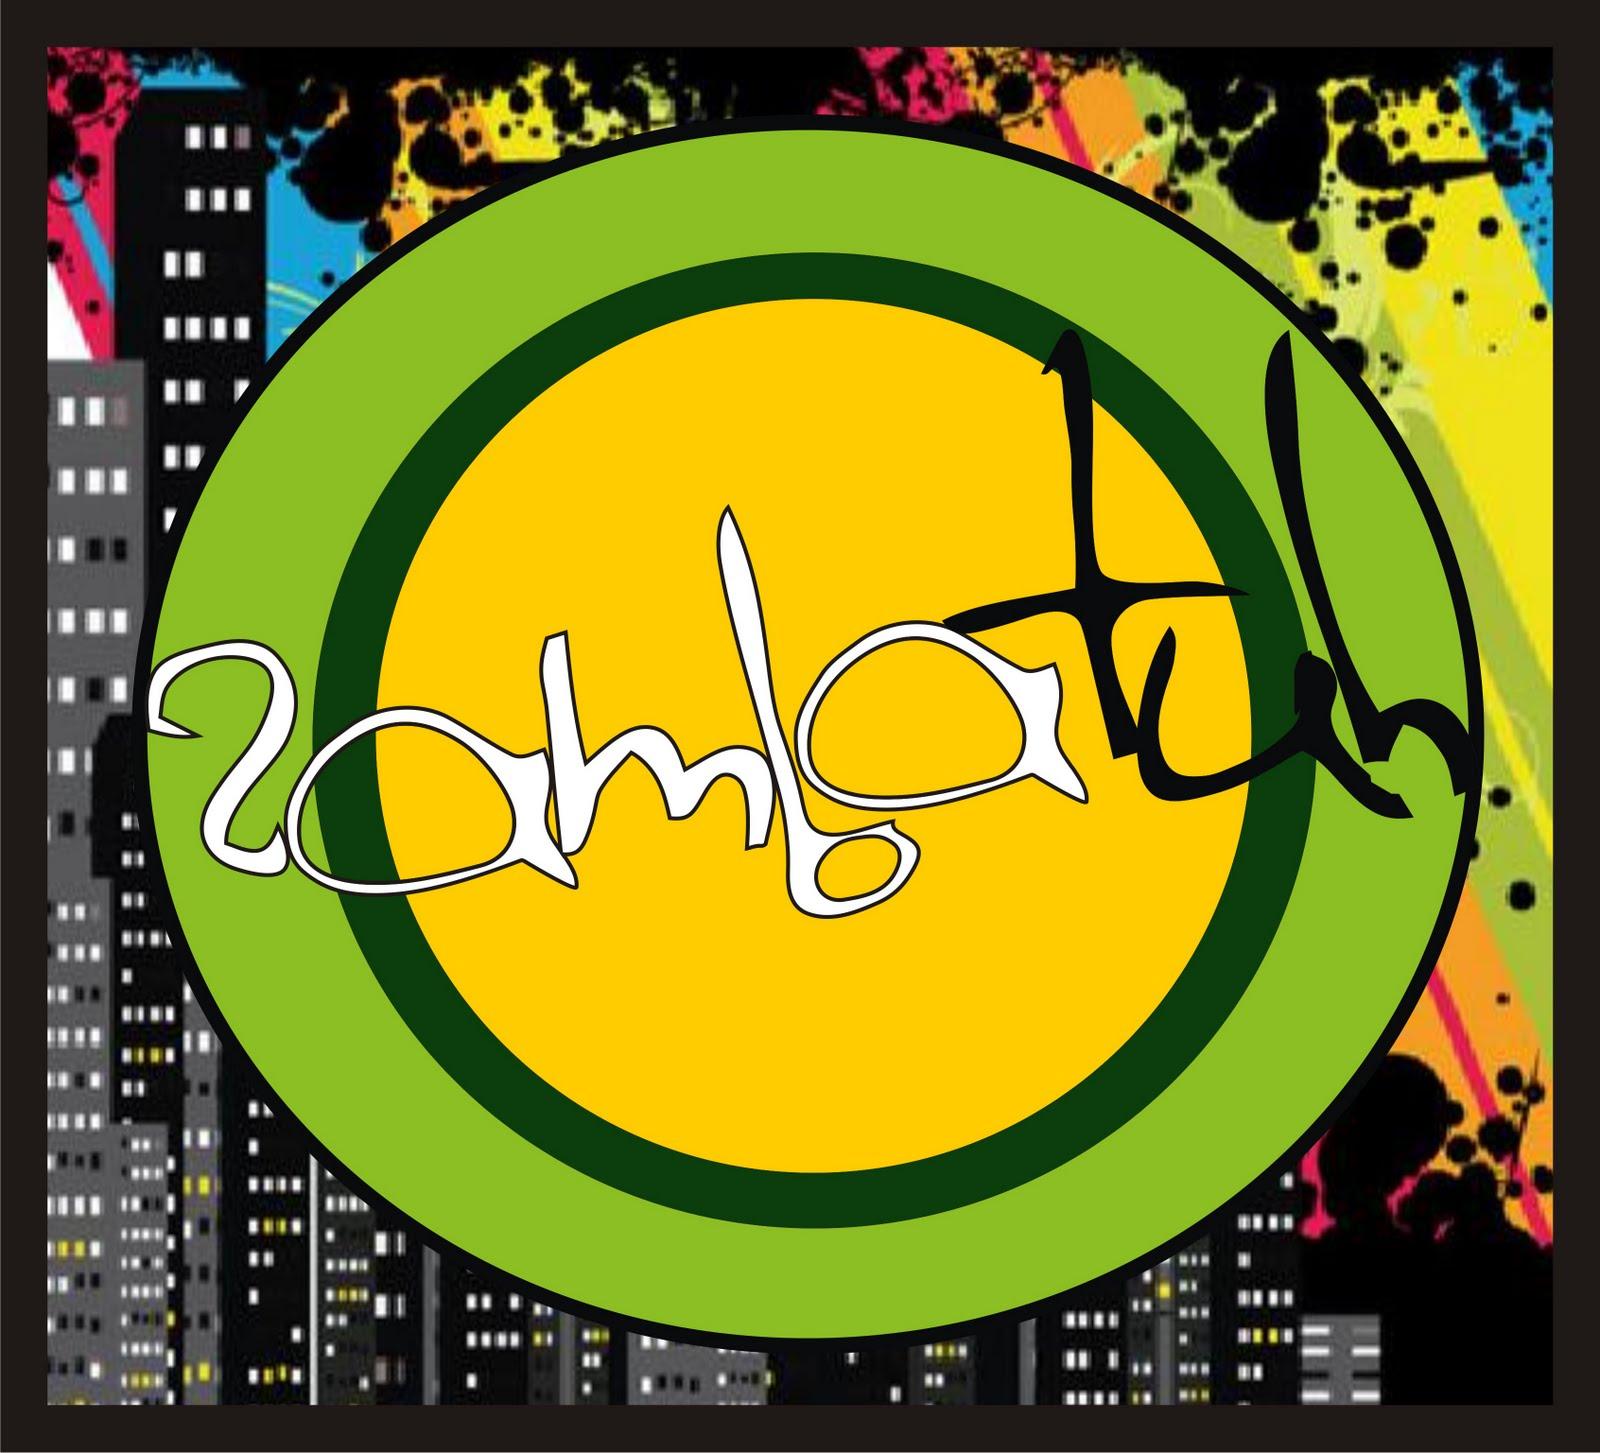 Cantores e bandas: Banda Zambatuh